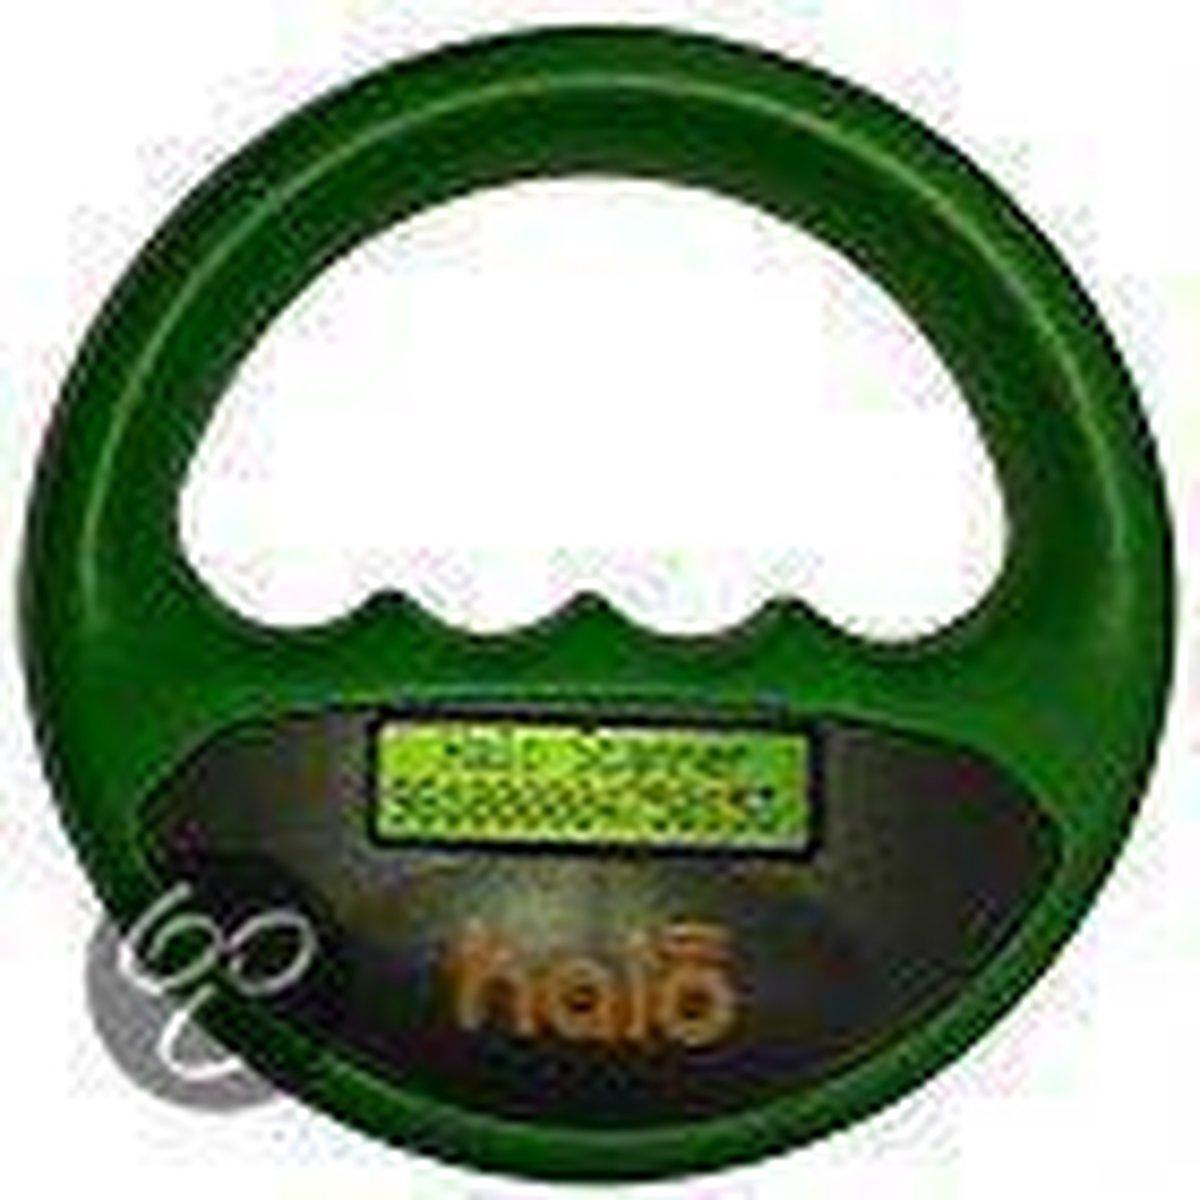 Halo Stalinrichting Halo-scanner groen